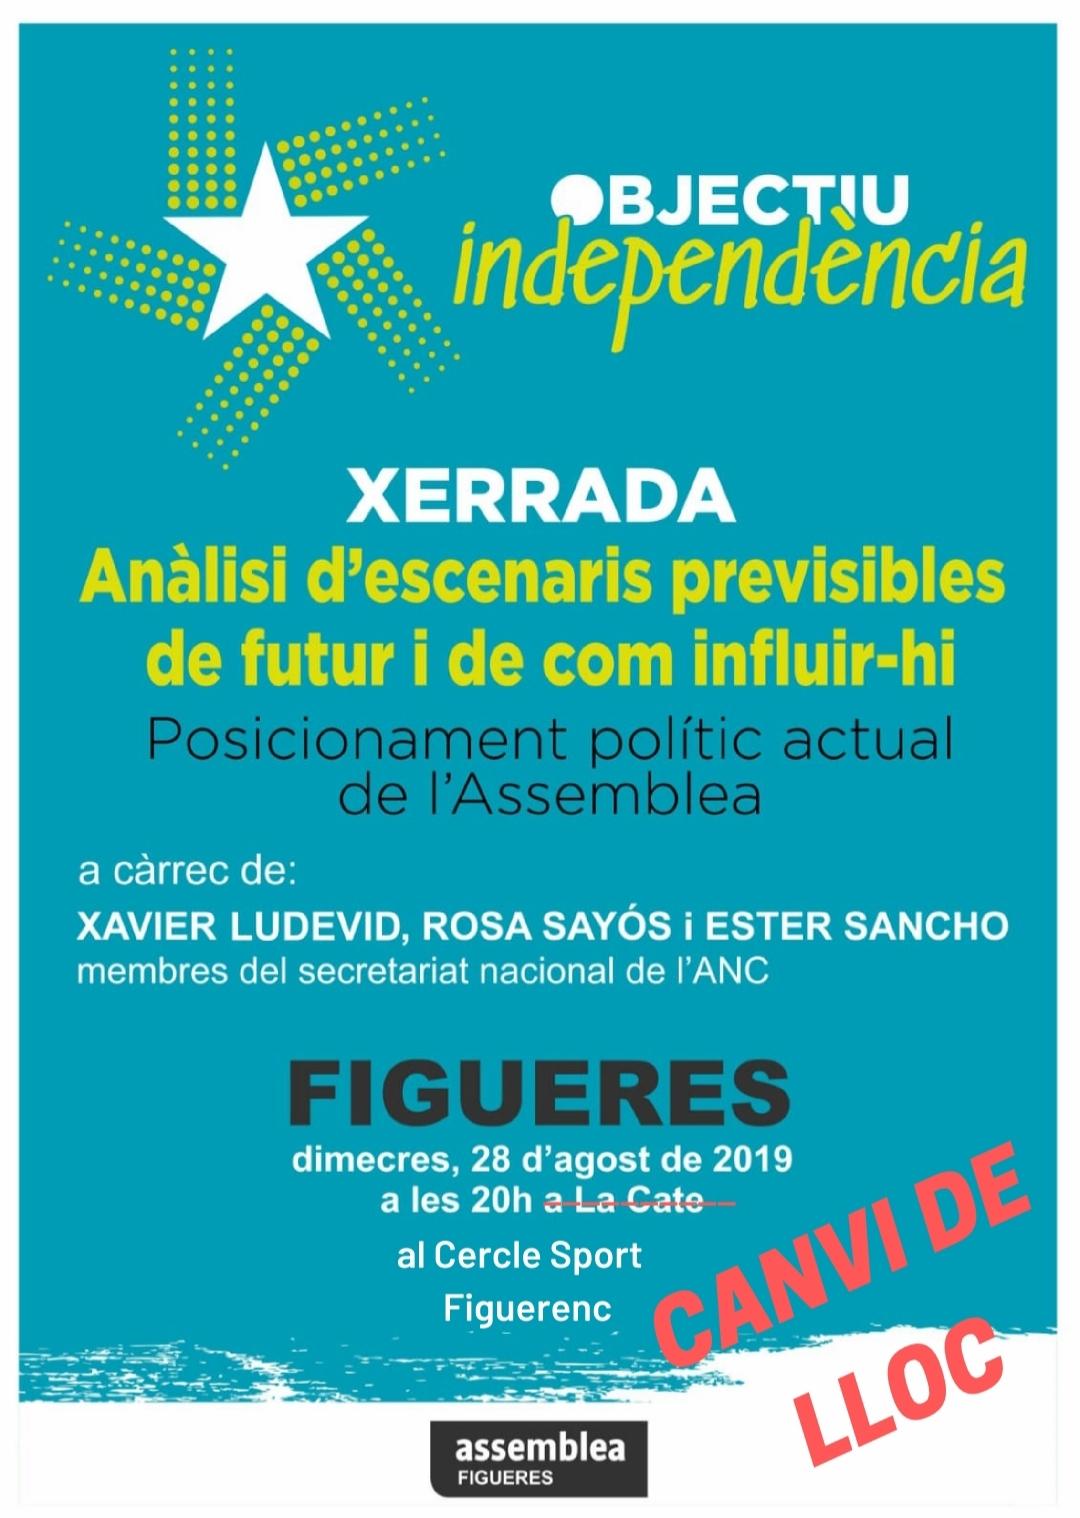 Objectiu Independència